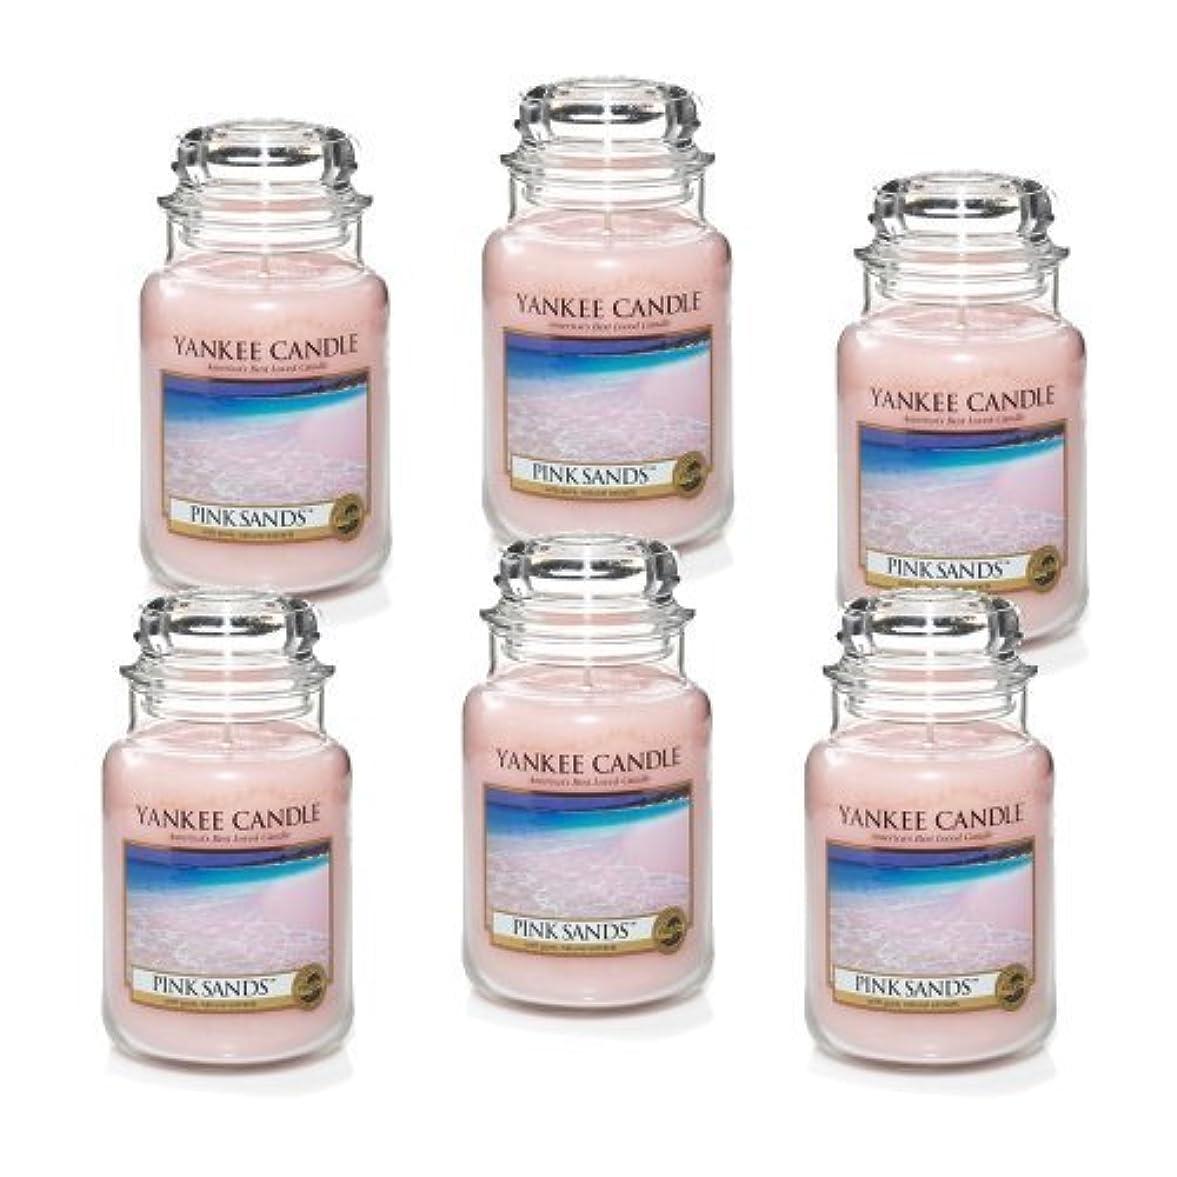 エッセンスエゴマニア準備するYankee Candle Company 22-Ounce Pink Sands Jar Candle, Large, Set of 6 by Amazon source [並行輸入品]